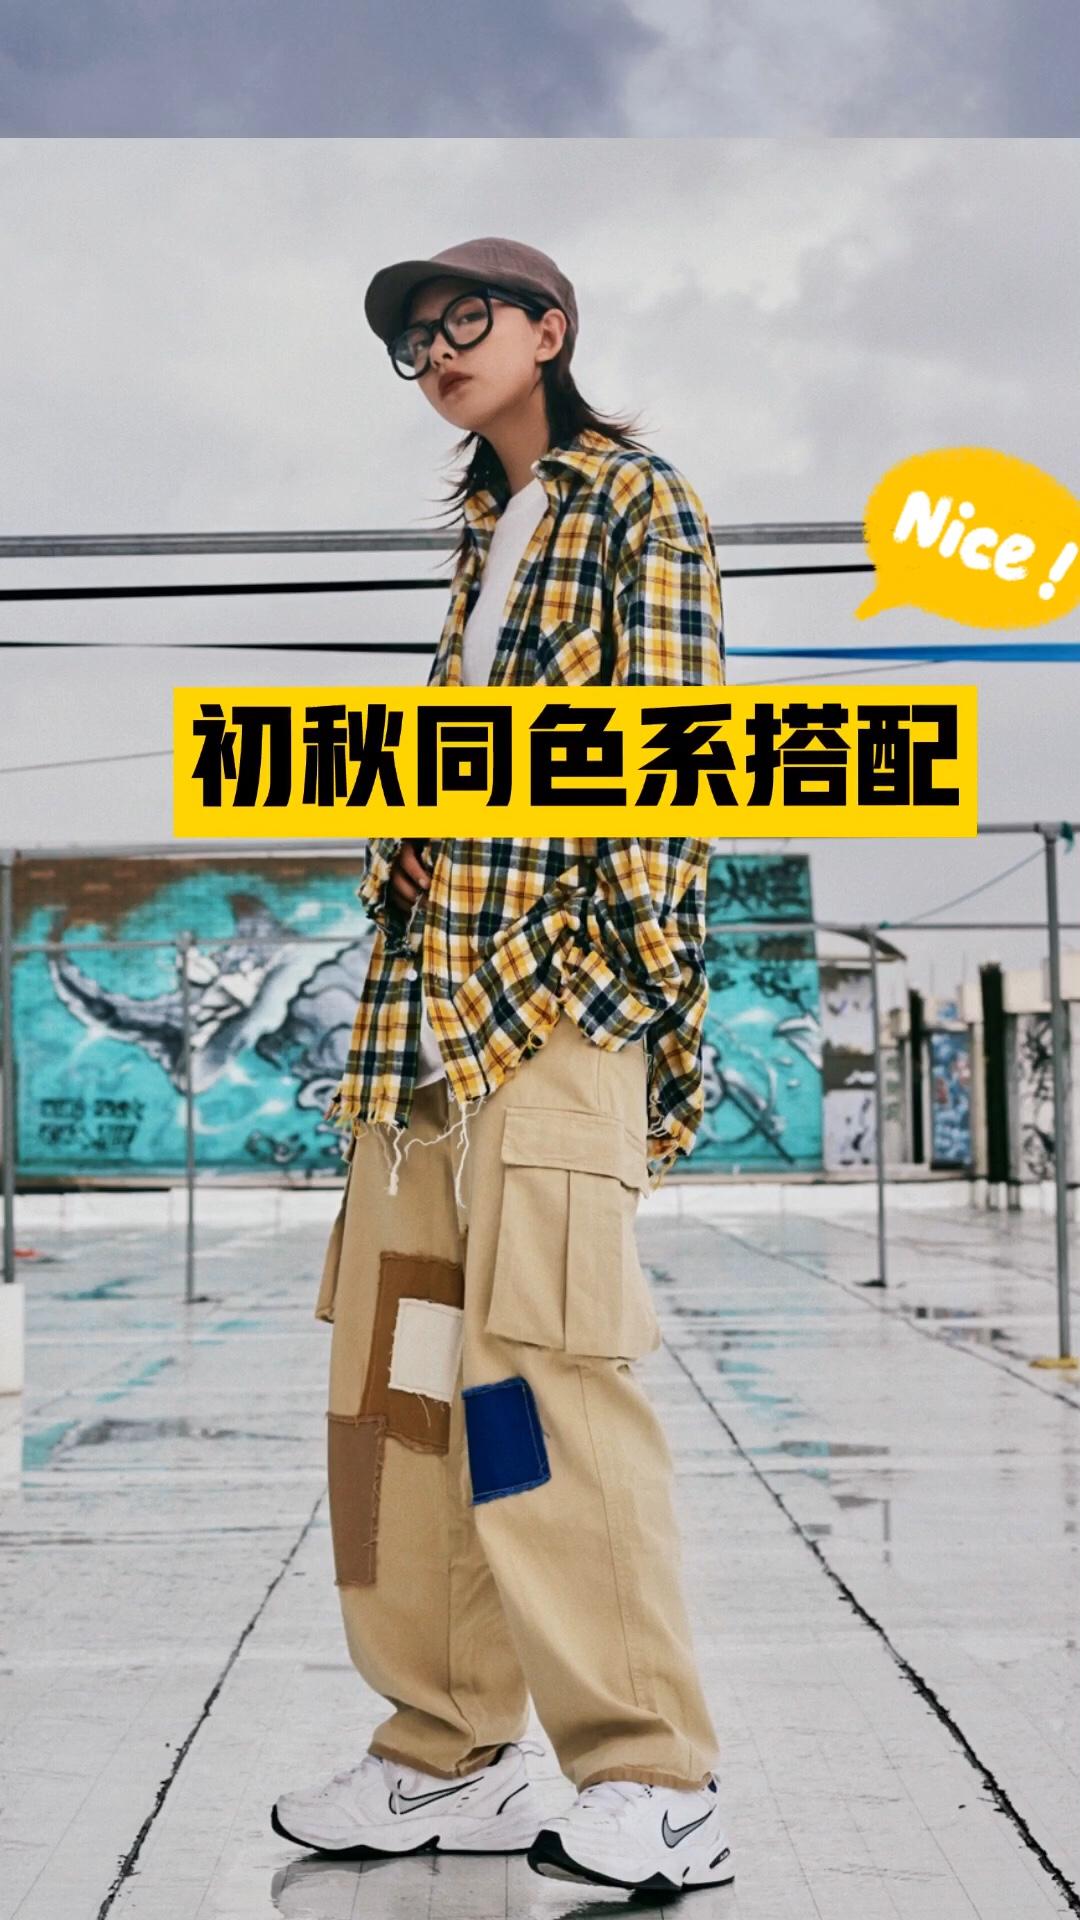 #入秋单品王,这件最上头# 格子衬衫算是经典中的经典了 搭配工装裤休闲好看